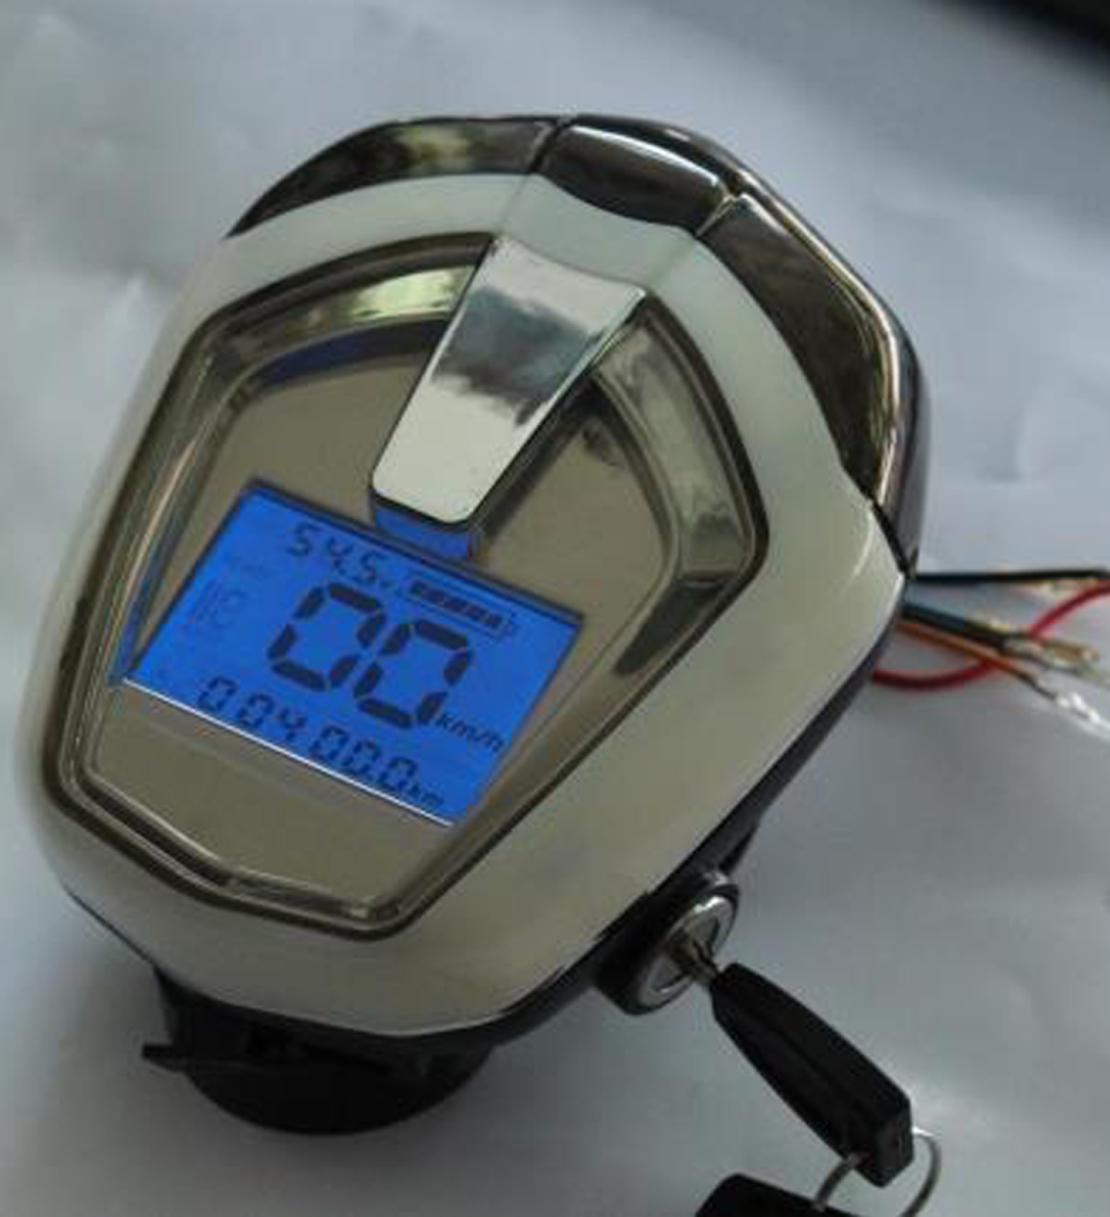 Дисплей 48v 16c (LiFePo4 58.4v)  ПРИБОРНАЯ ПАНЕЛЬ + Фара+ Сигнал + Ключ вкл, для электровелосипеда, электросамоката.